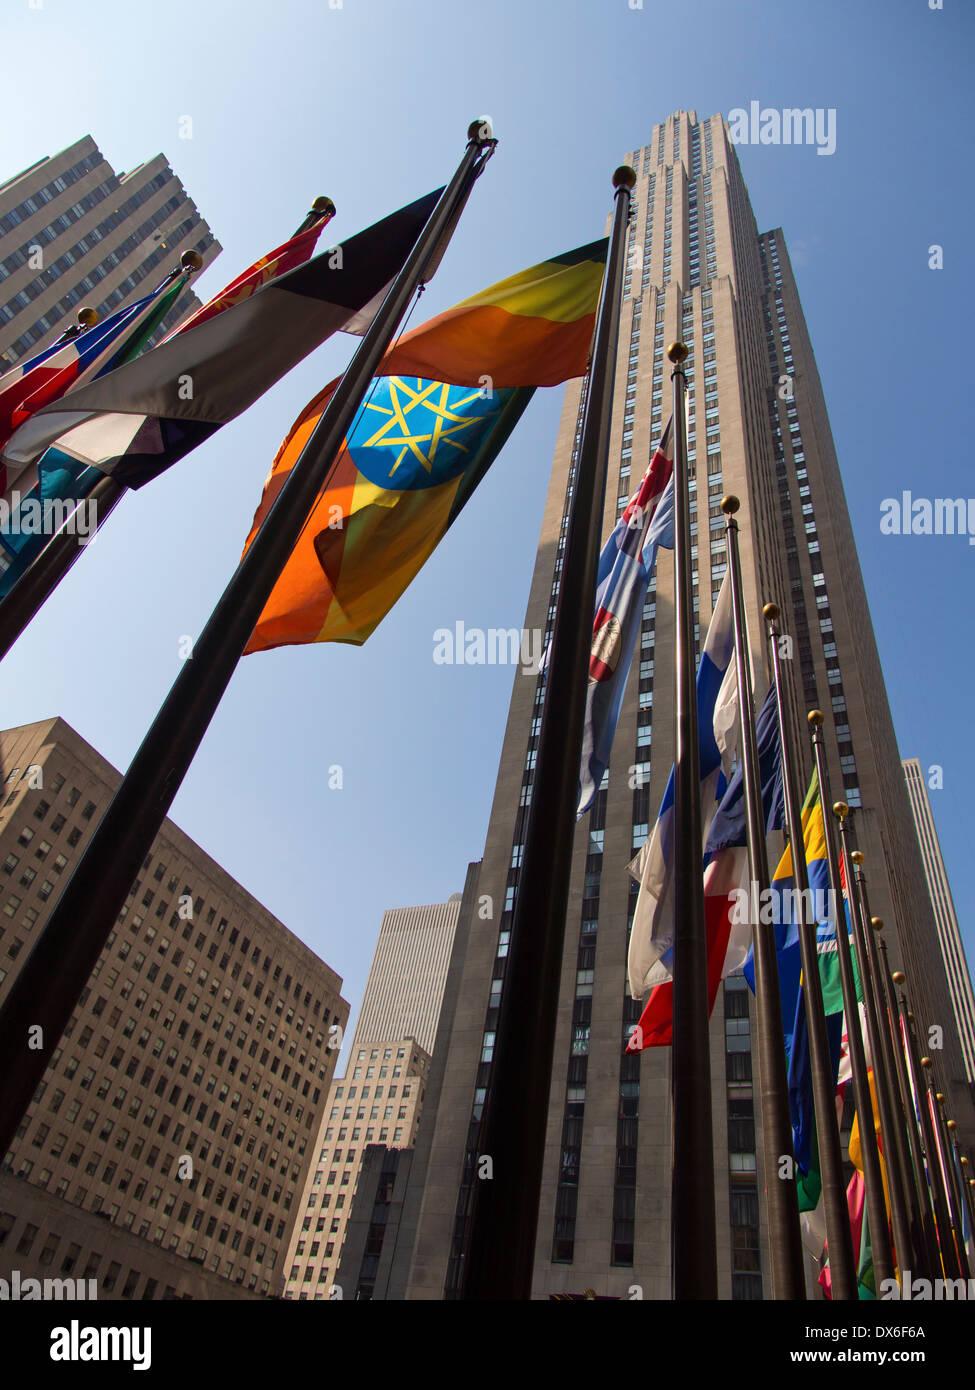 Above Ground Garden New York City